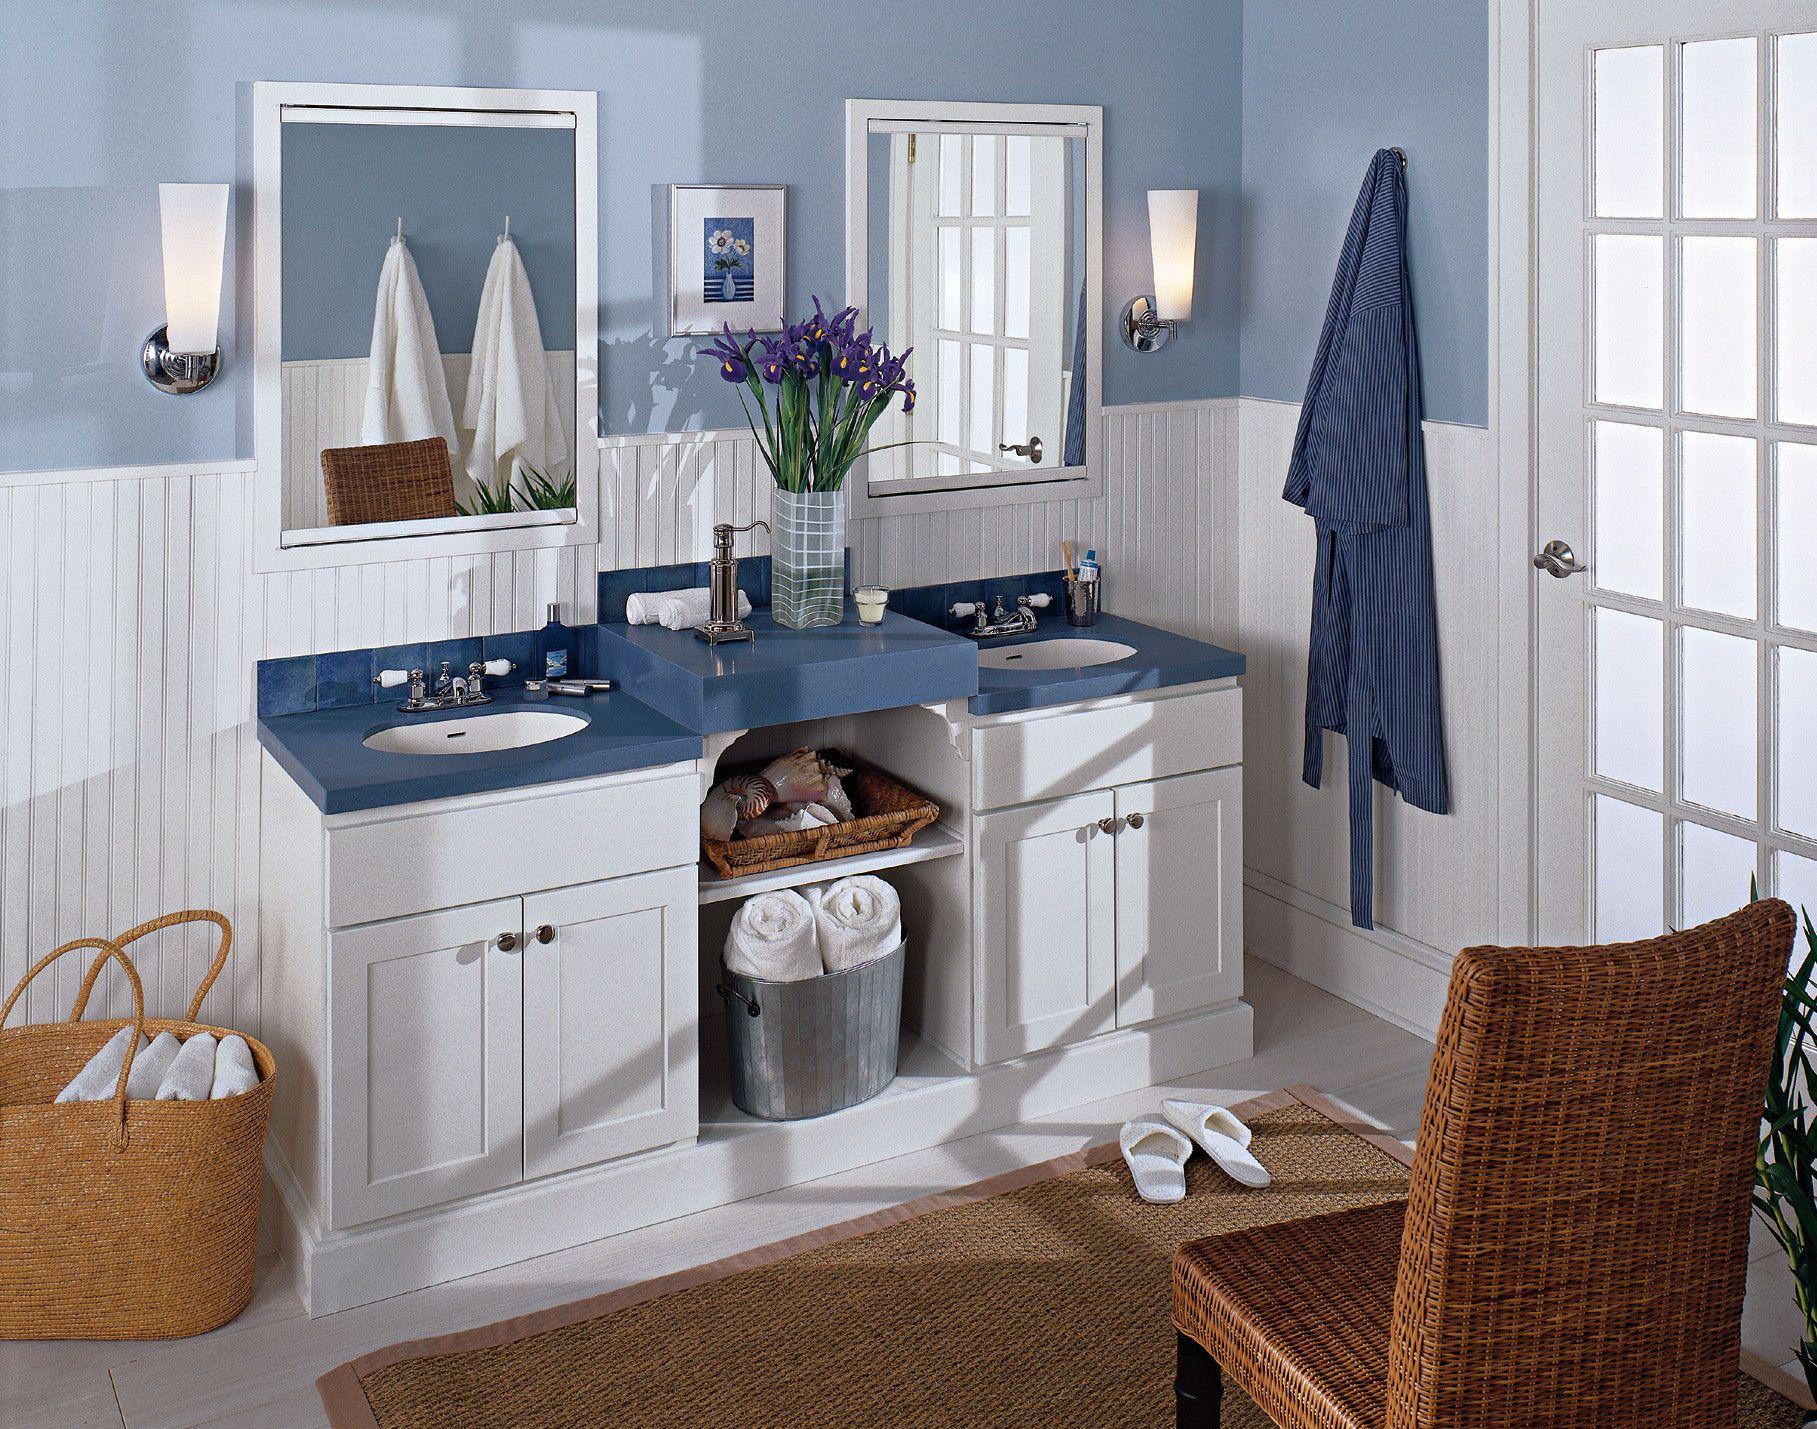 mastercraft kitchen cabinets Denver | Beach Bathrooms ...